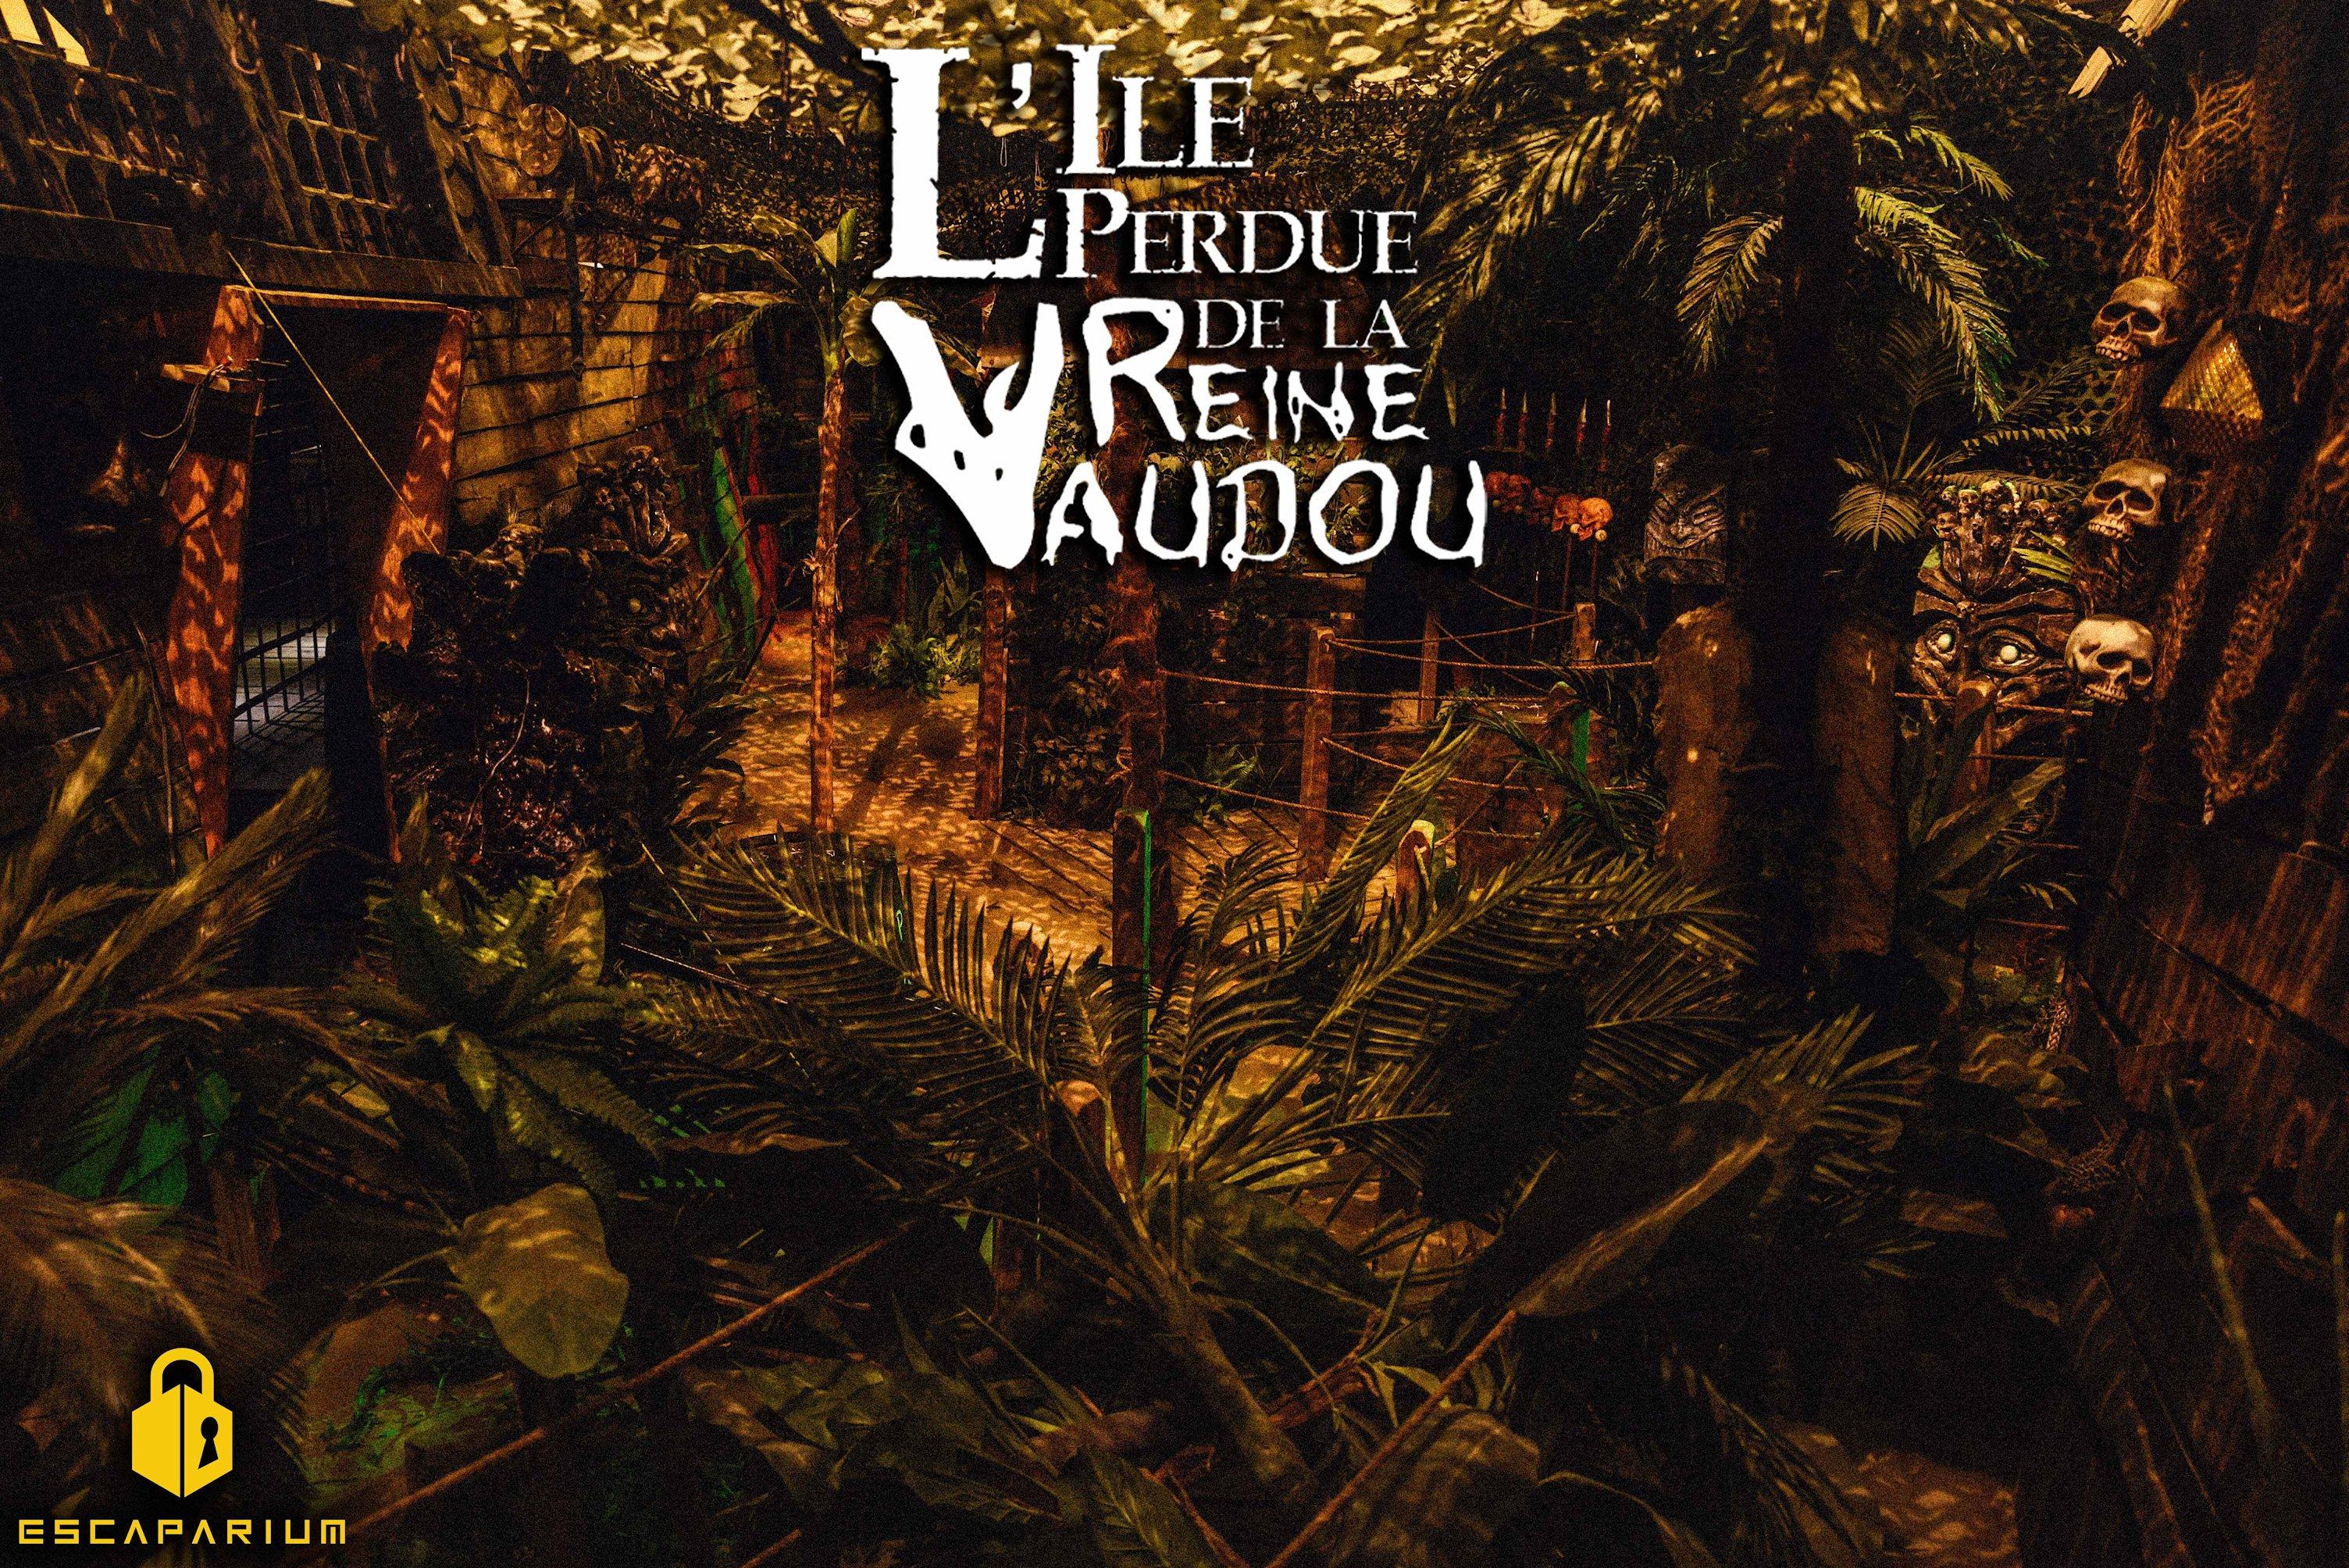 Escaparium_reine_vaudou-jungle